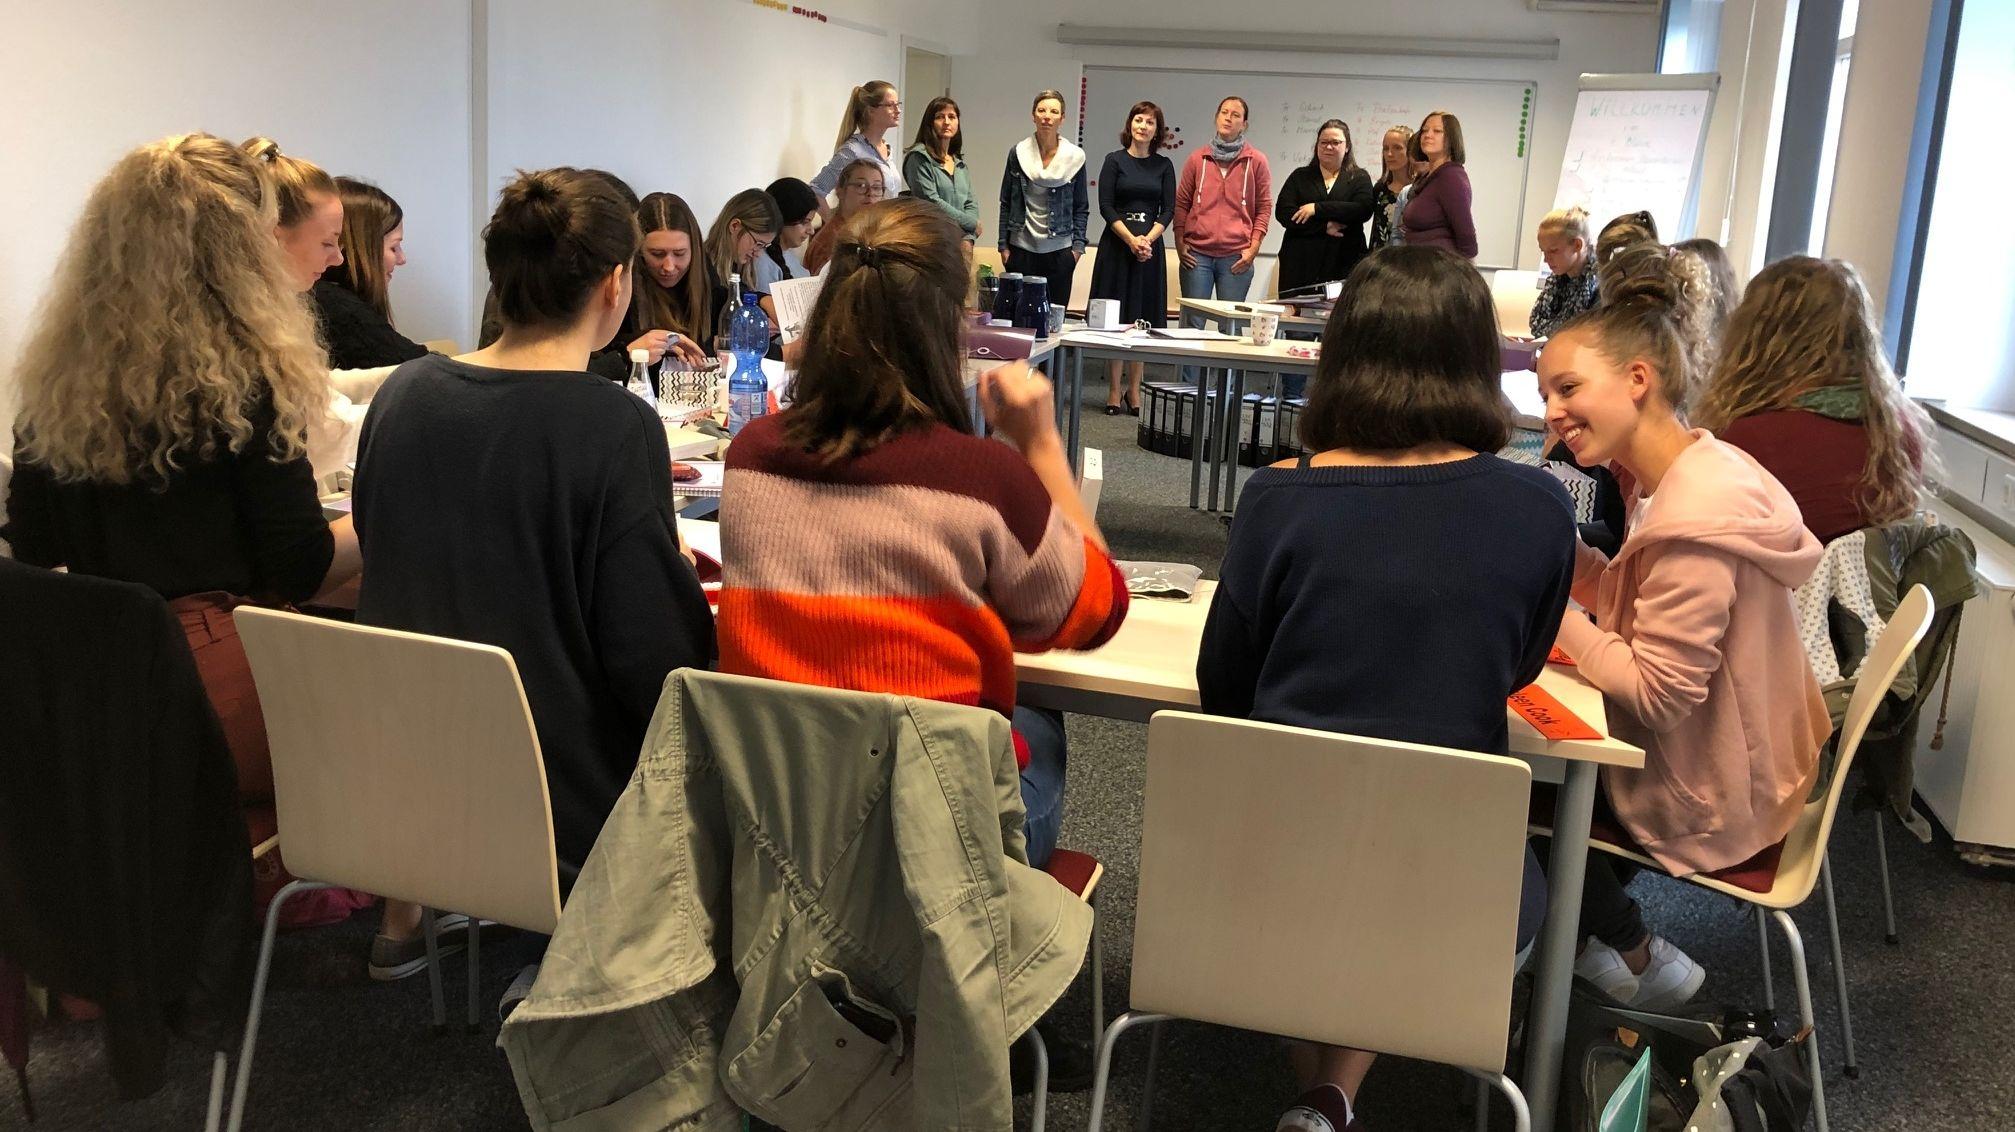 Mehrere Frauen sitzen und stehen um Tische herum.